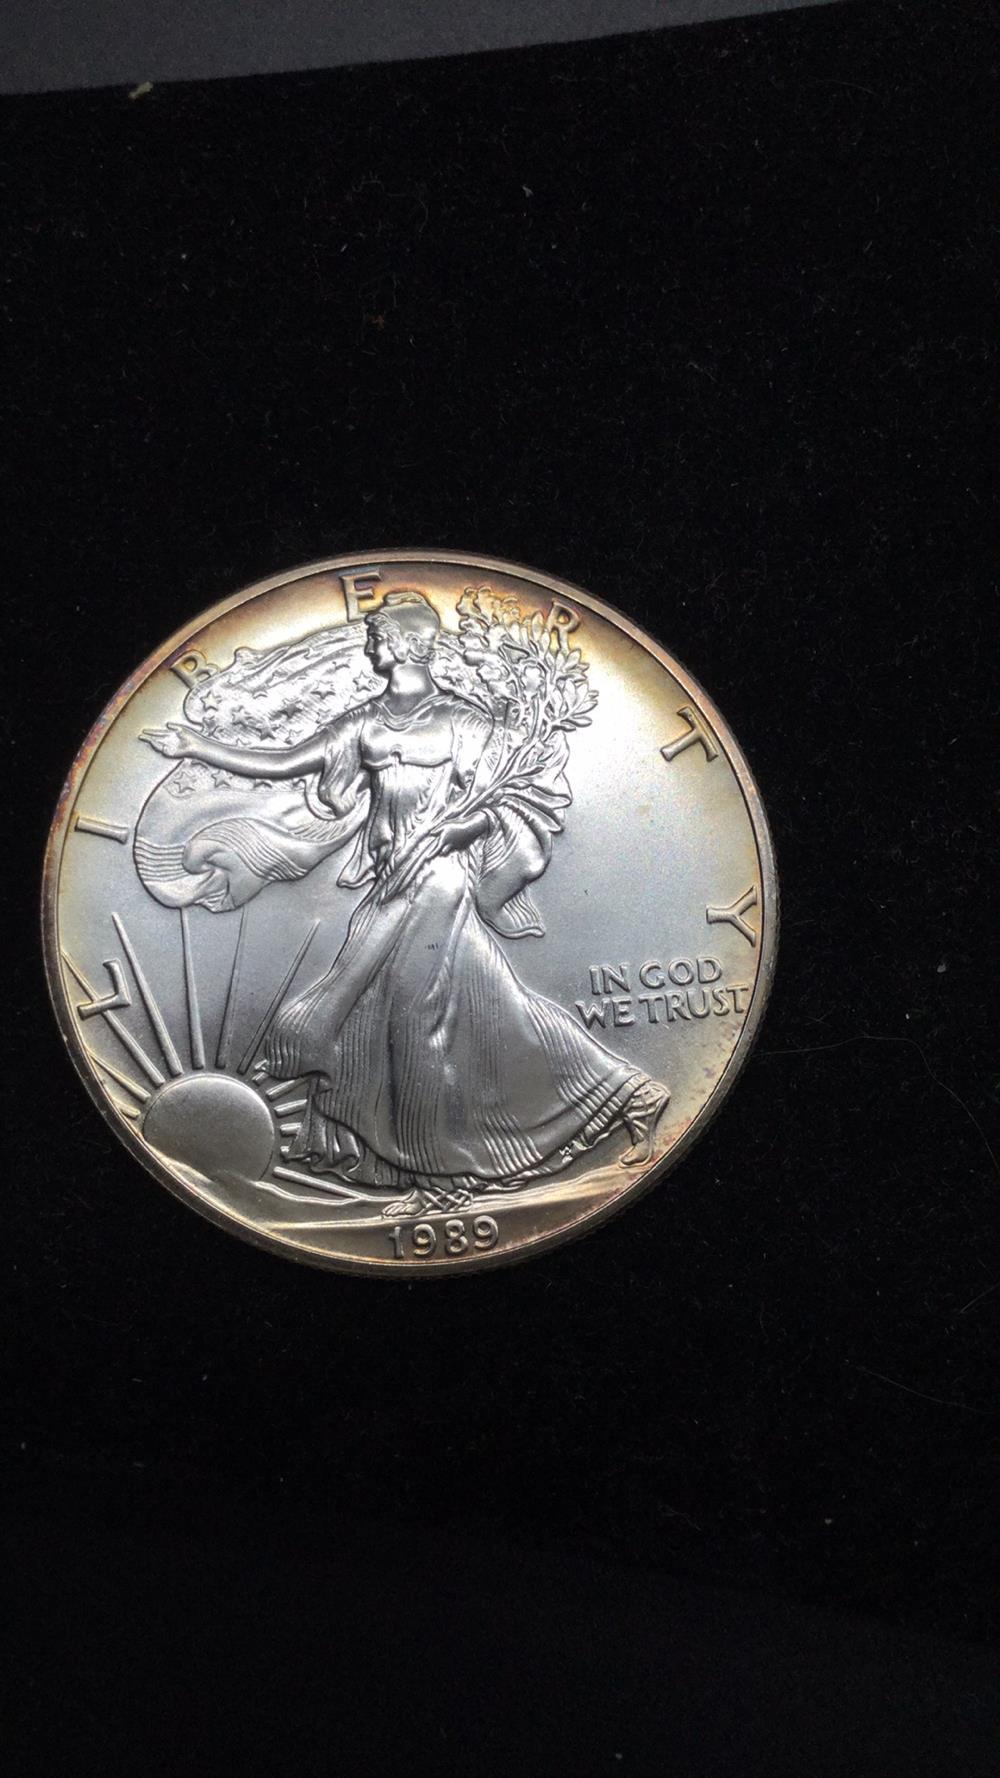 1989 American eagle dollar